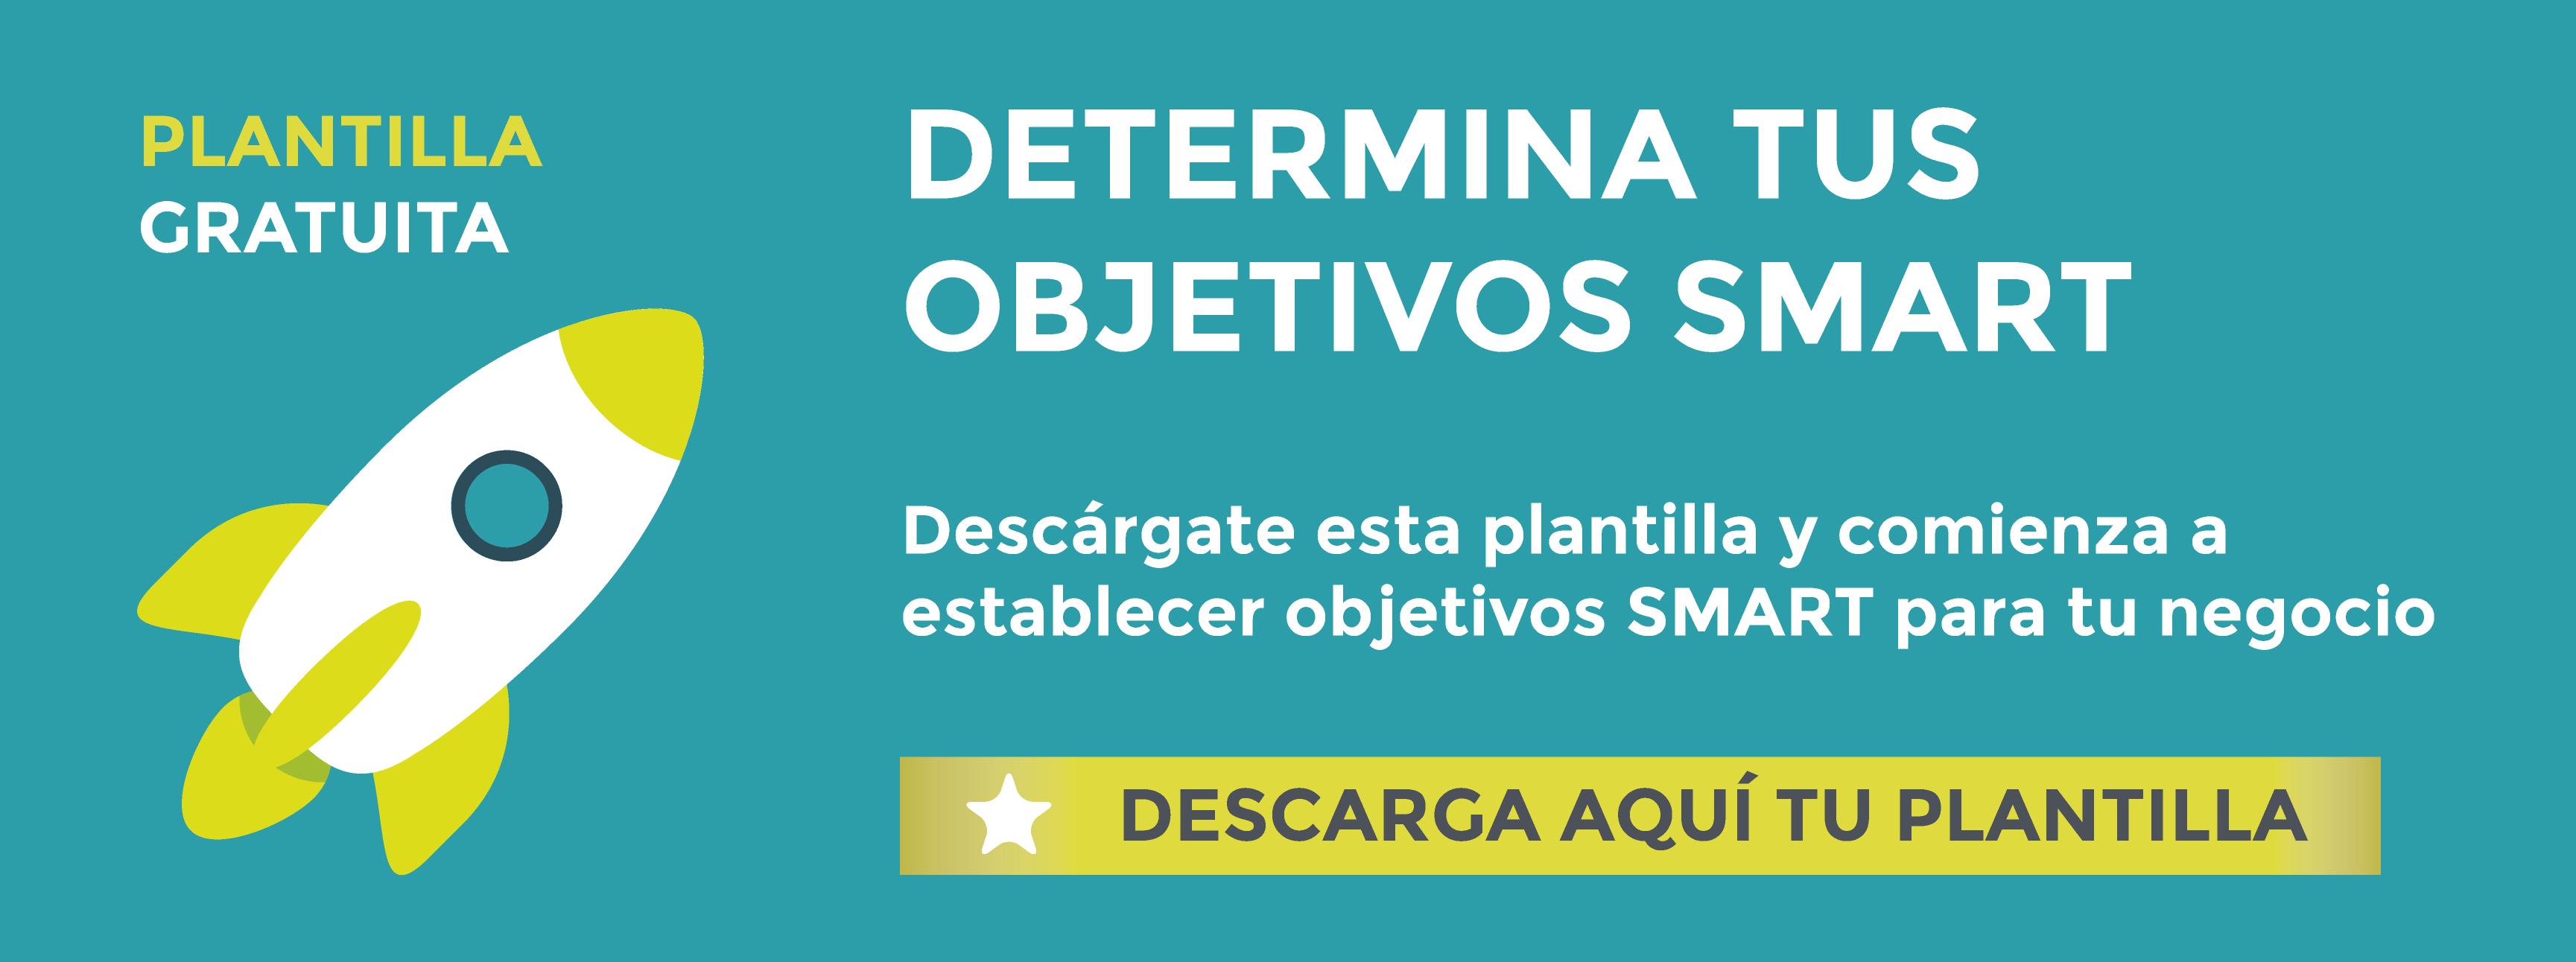 Descarga gratis la plantilla para definir tus objetivos SMART